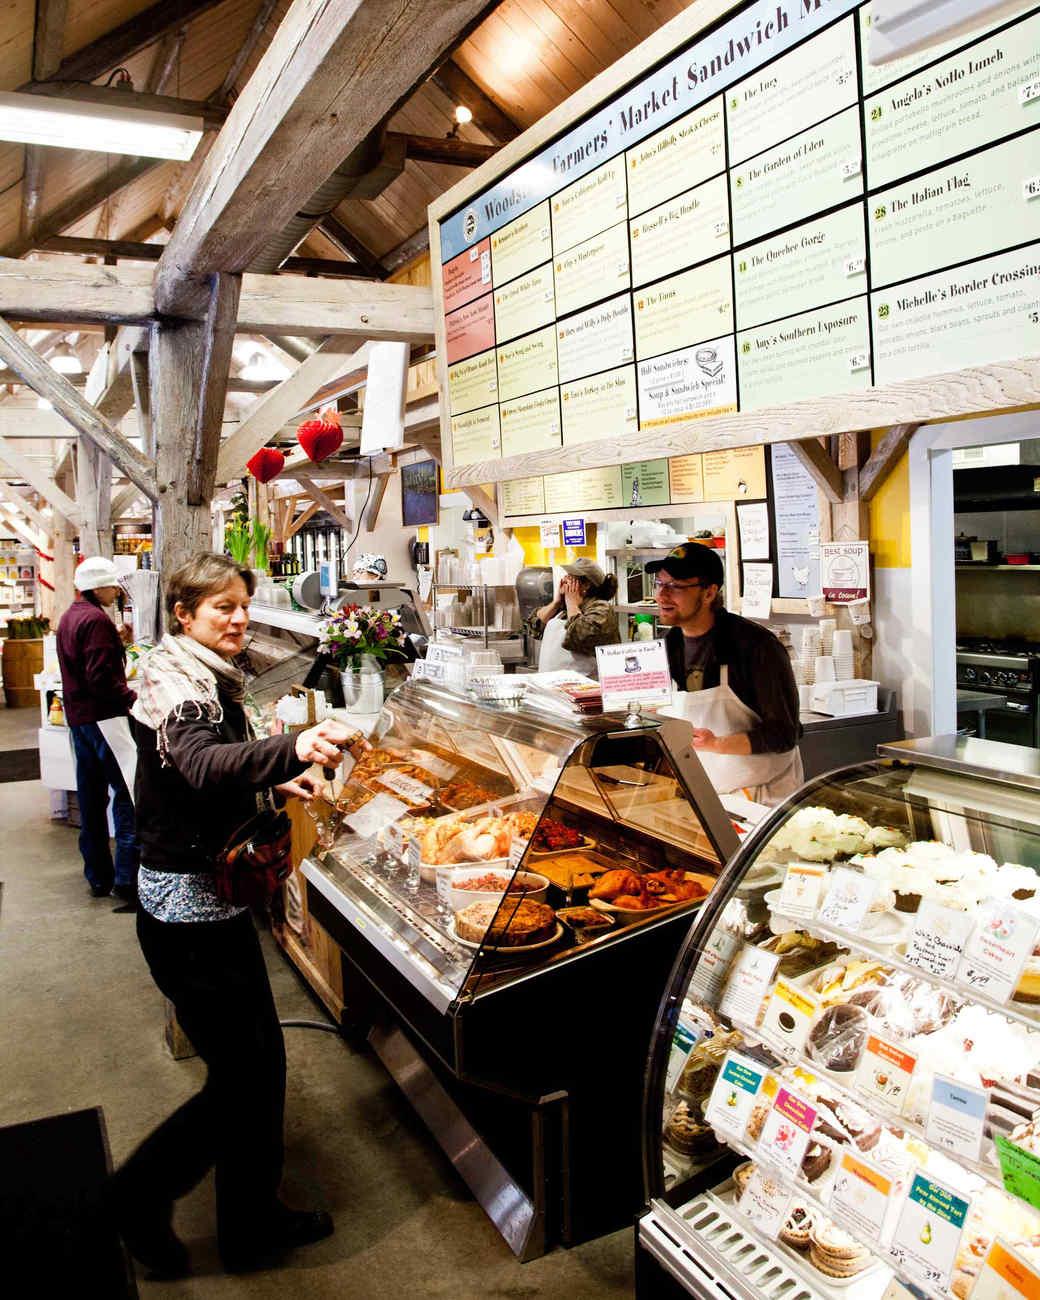 woodstock-farmers-market-0626-d109181.jpg